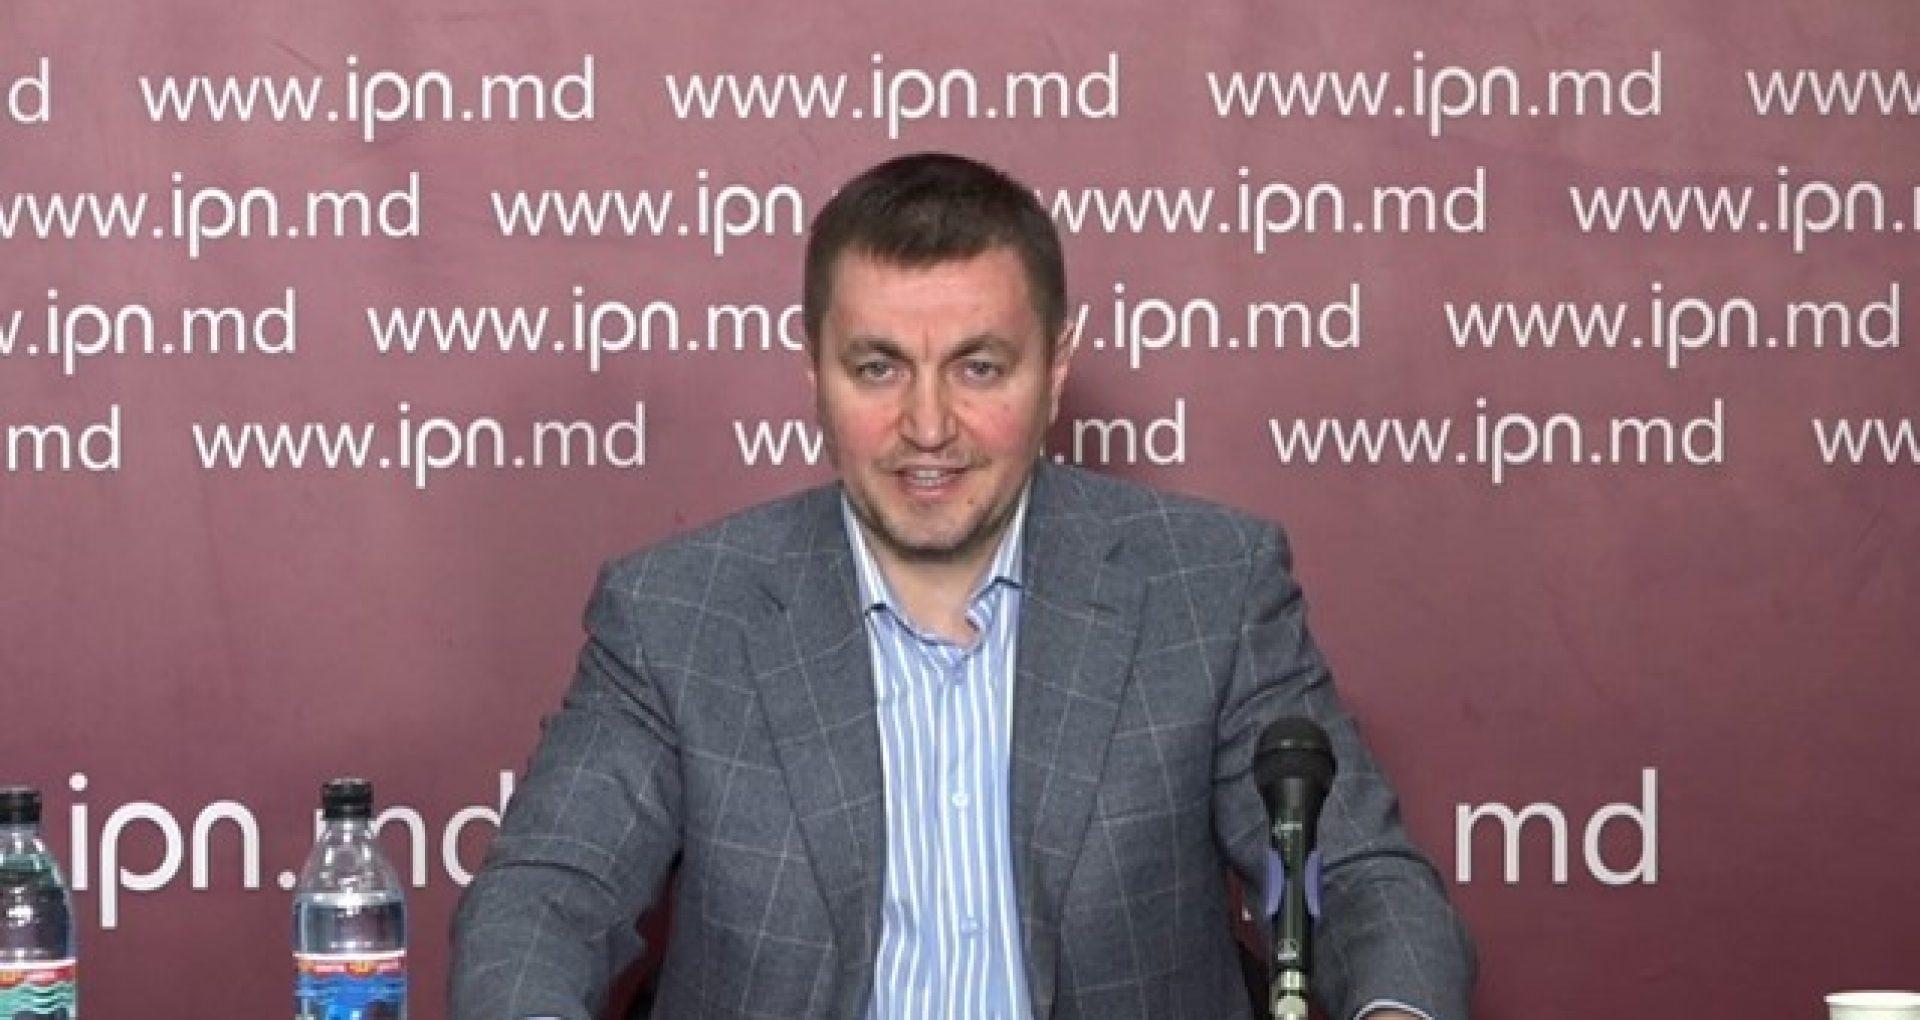 DOC/ Platon, în apărarea lui Stoianoglo: La comanda lui Plahotniuc și Morari a apărut ieri numele soției procurorului general în registrele companiilor mele din Ucraina